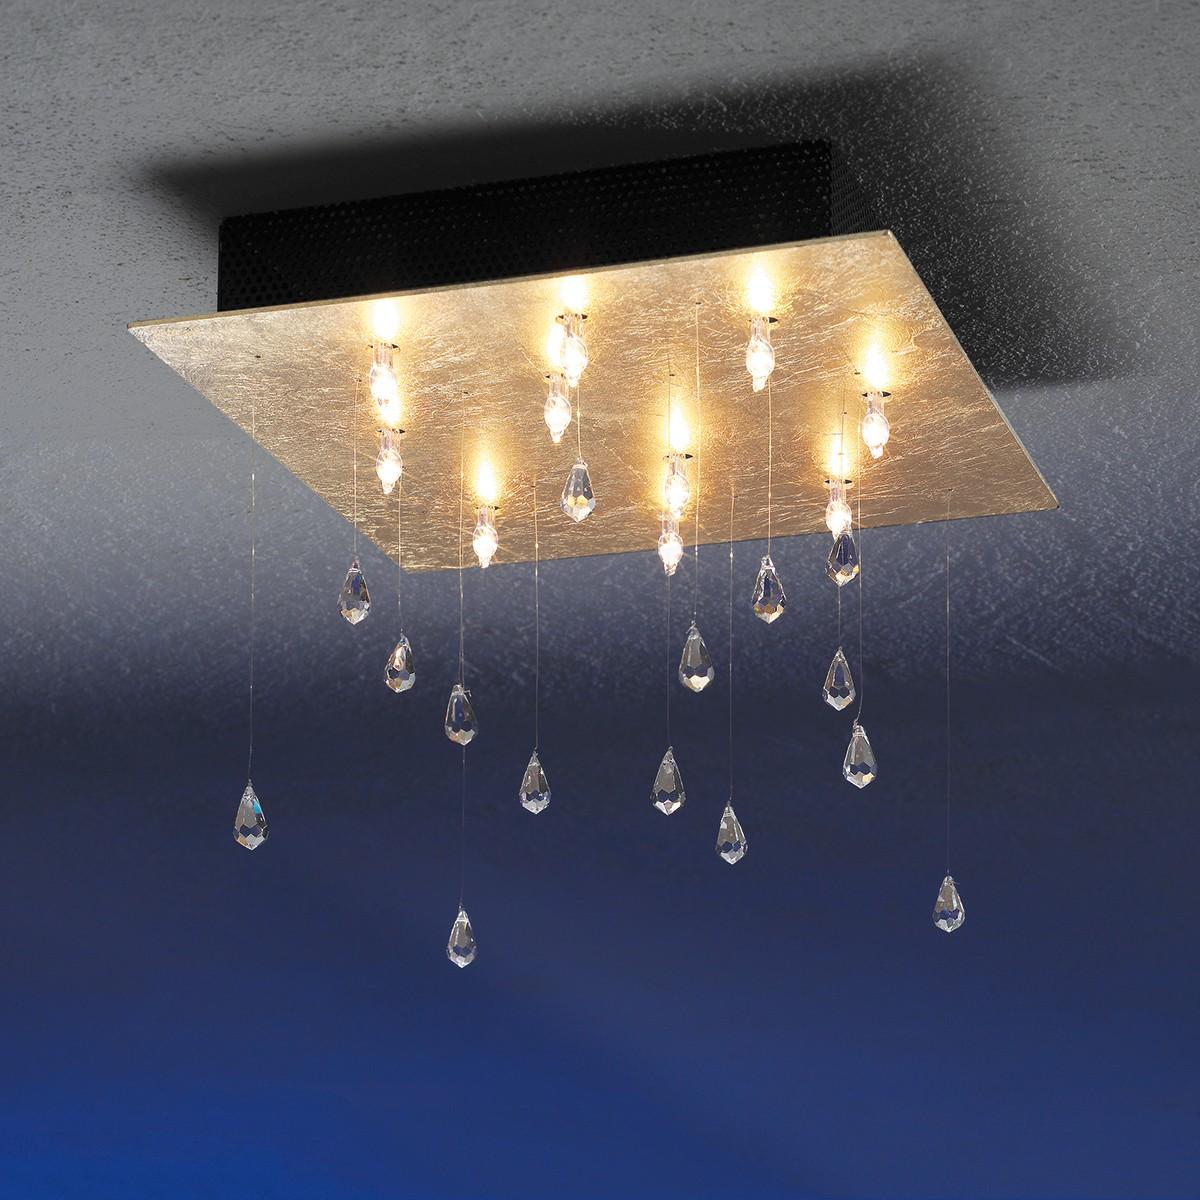 Escale Crystal Rain Deckenleuchte, Blattgold